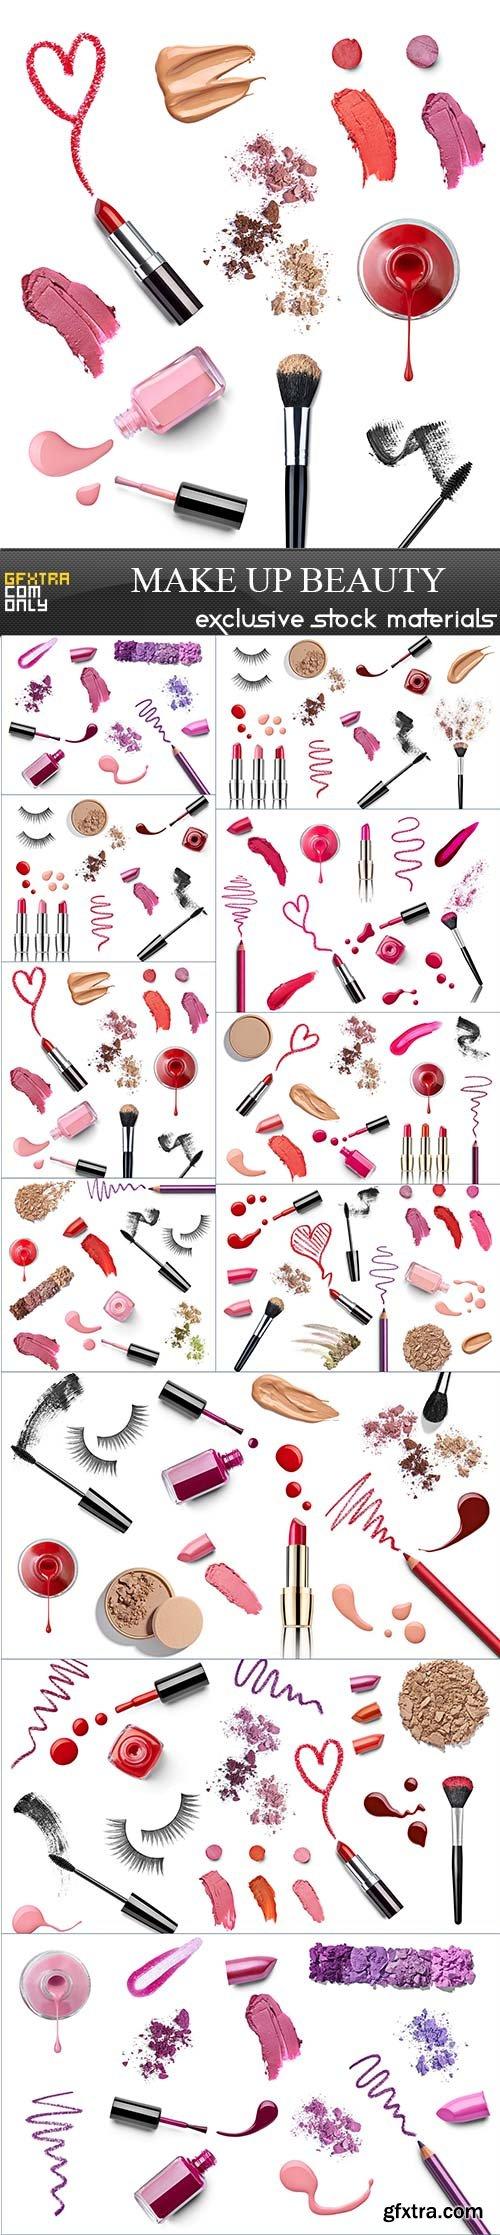 Make up beauty, 11 UHQ JPEG